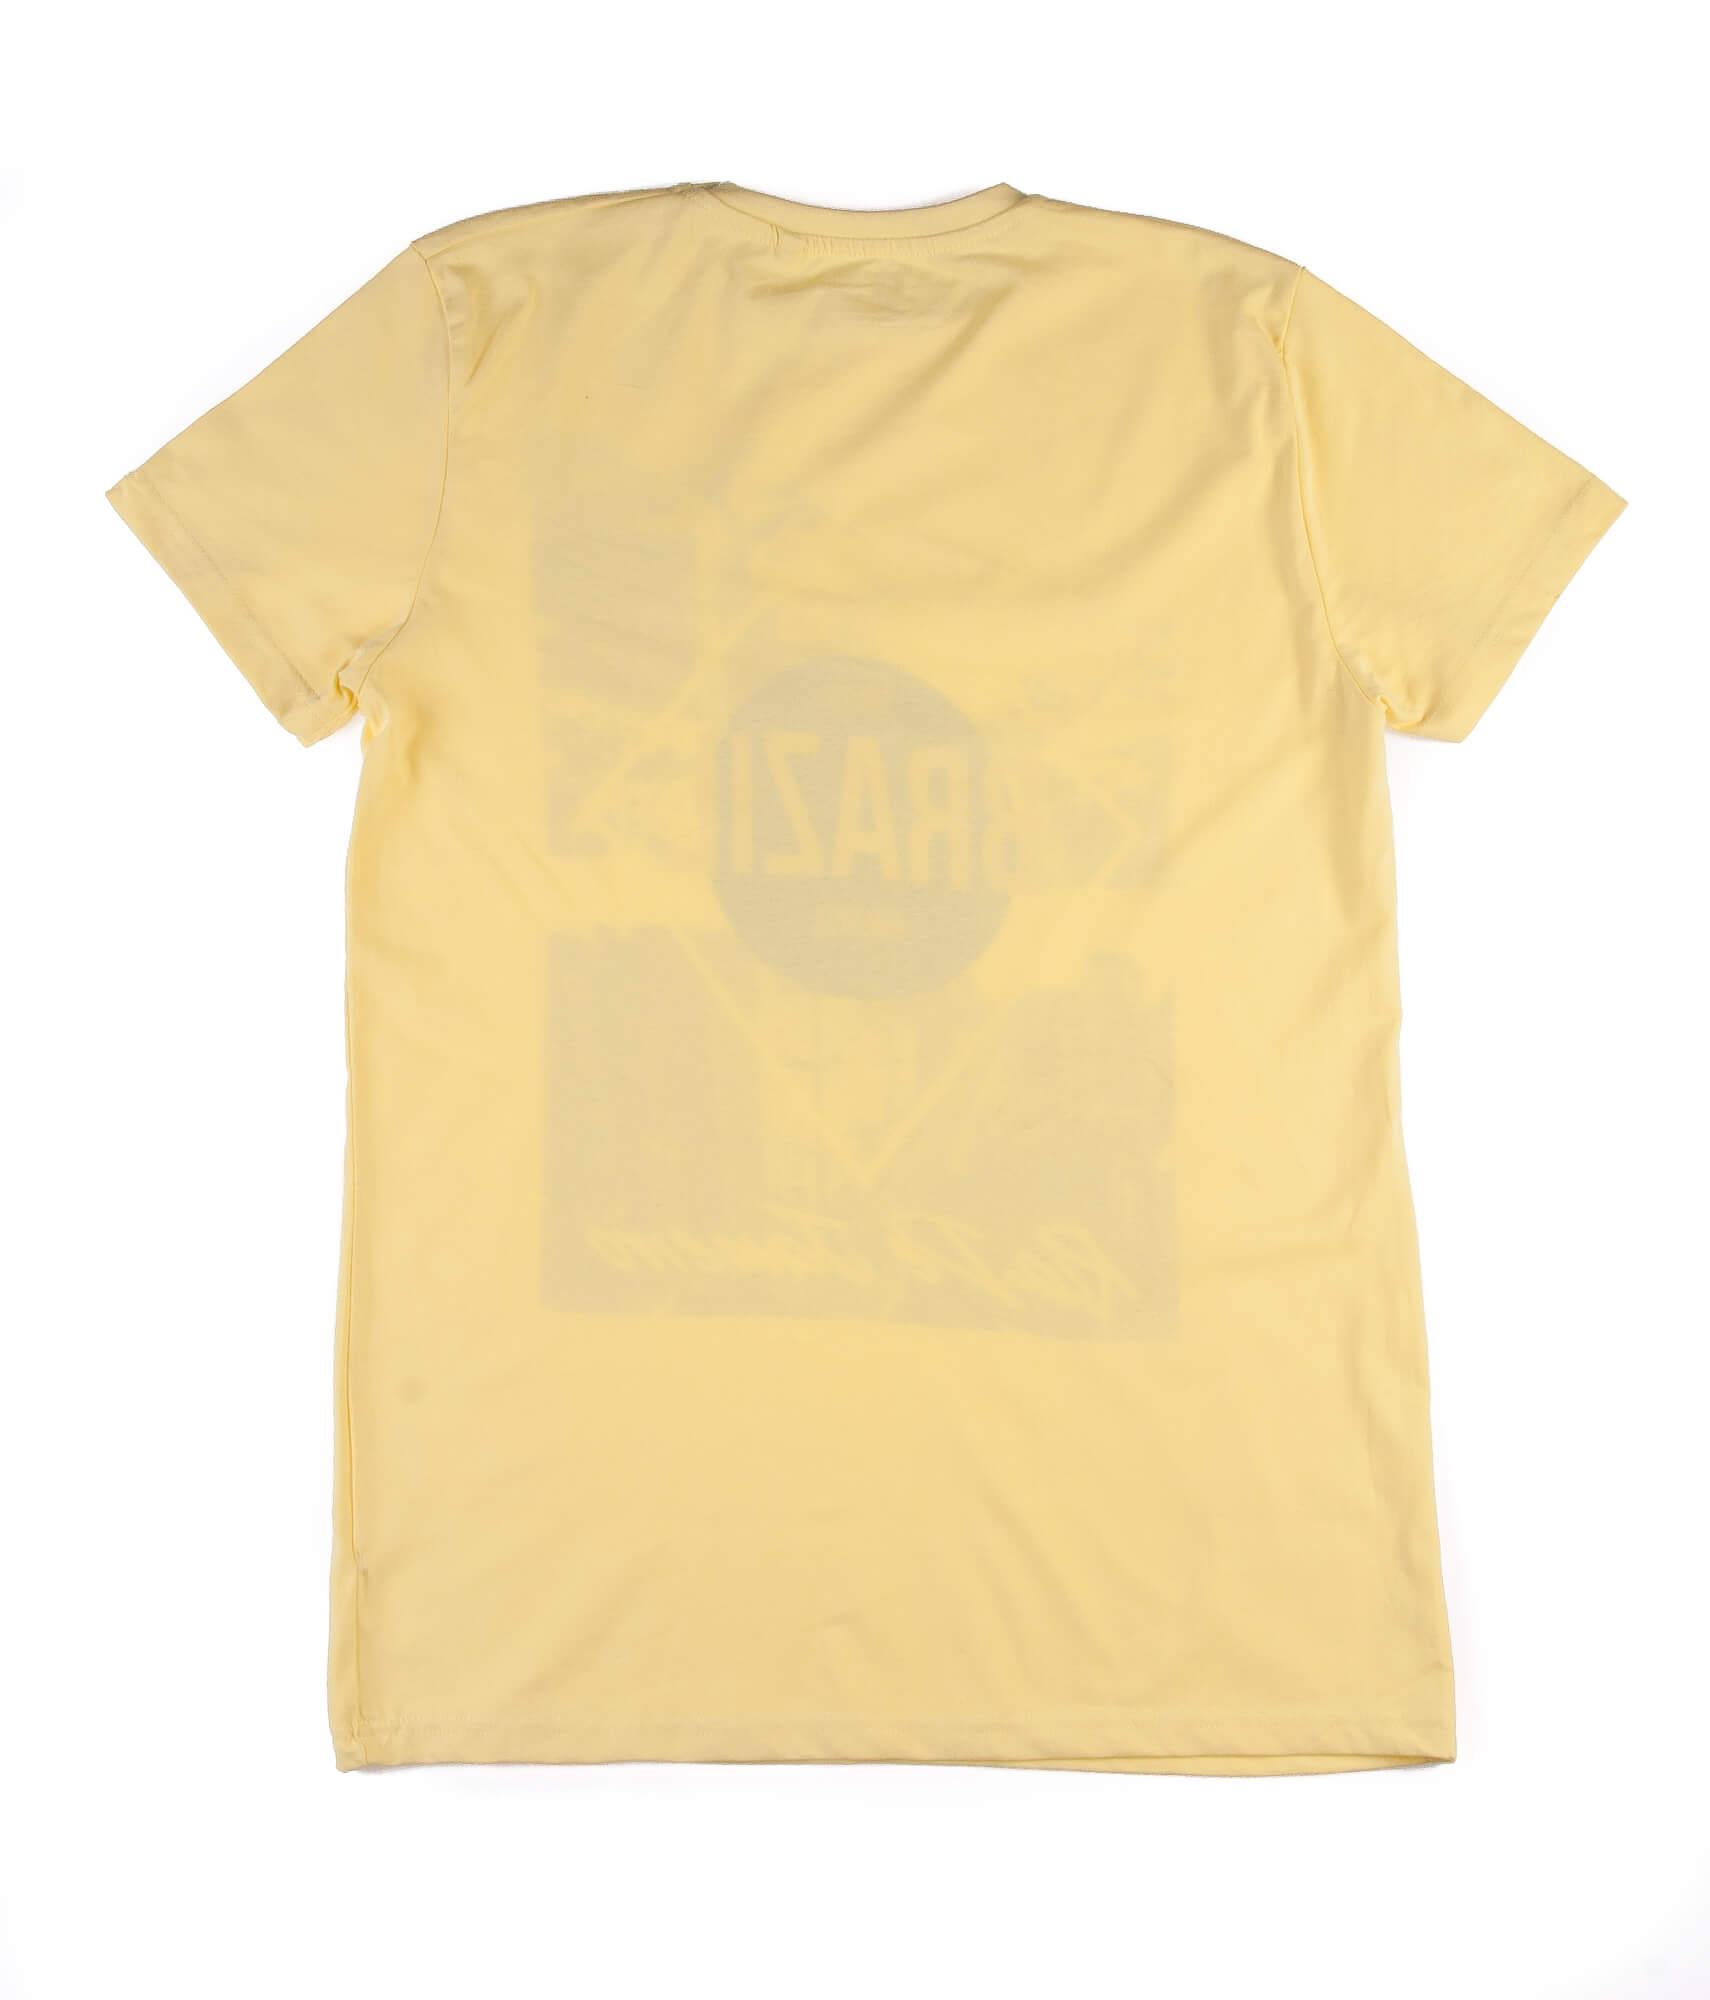 تی شرت مردانه برند S1039 CEDAR WOOD